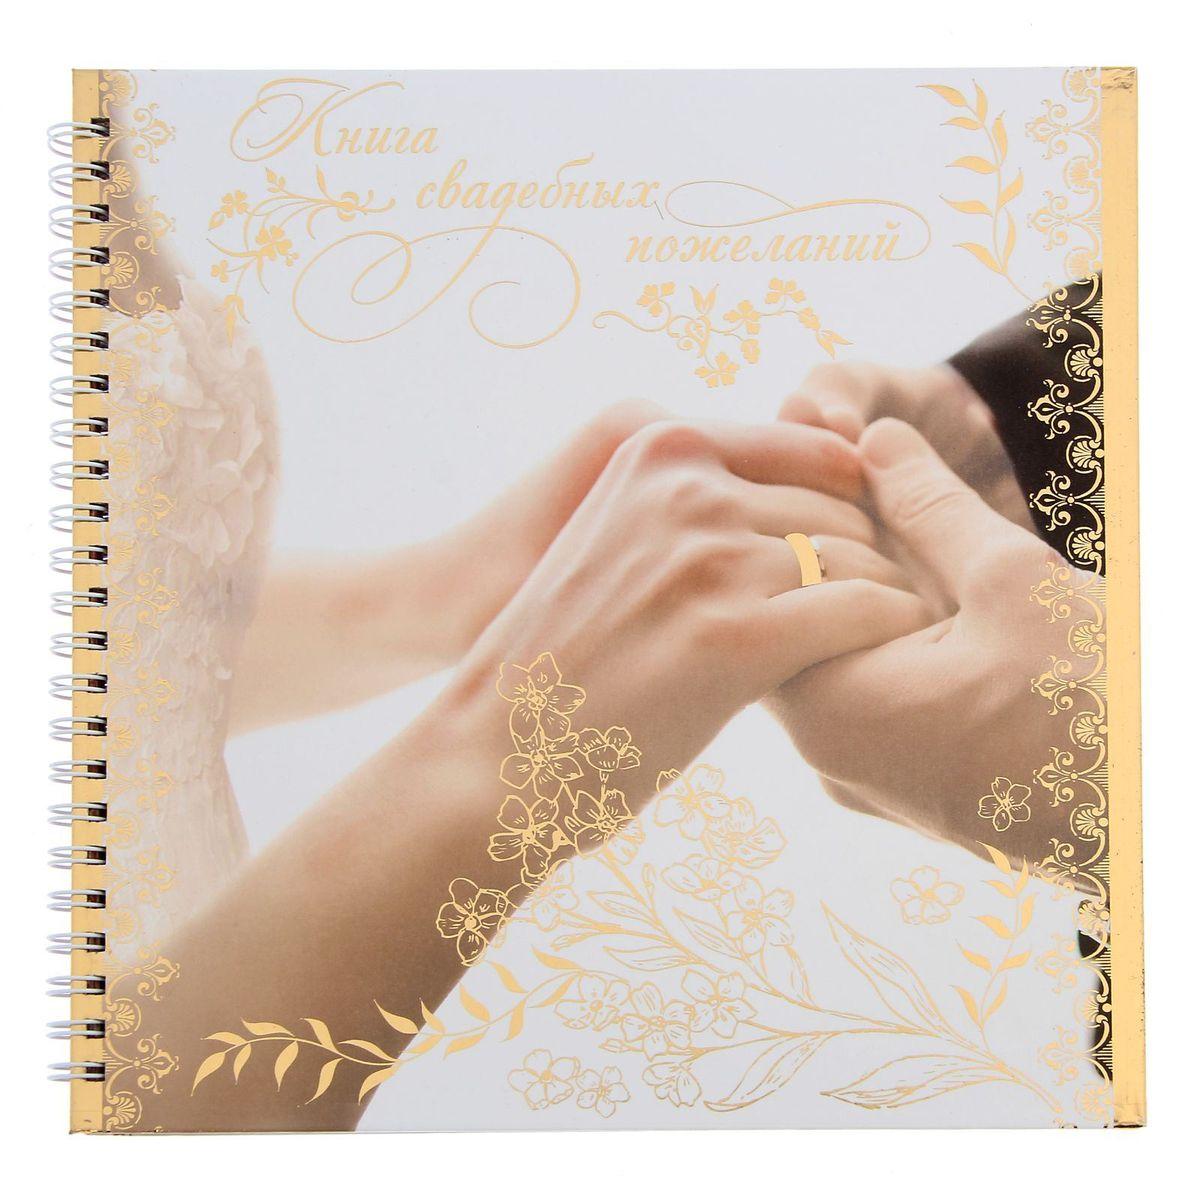 Книга свадебных пожеланий Sima-land Пусть наша нежность и любовь..., на пружине, 21,7 х 21 см1182860Теперь добрые слова и светлые поздравления останутся с вами на всю жизнь. Через много лет, перечитывая эту чудесную книгу, вы вместе со своей половинкой будете с улыбкой вспоминать о самом счастливом дне в вашей жизни. Сохраните счастливые воспоминания на долгие годы!